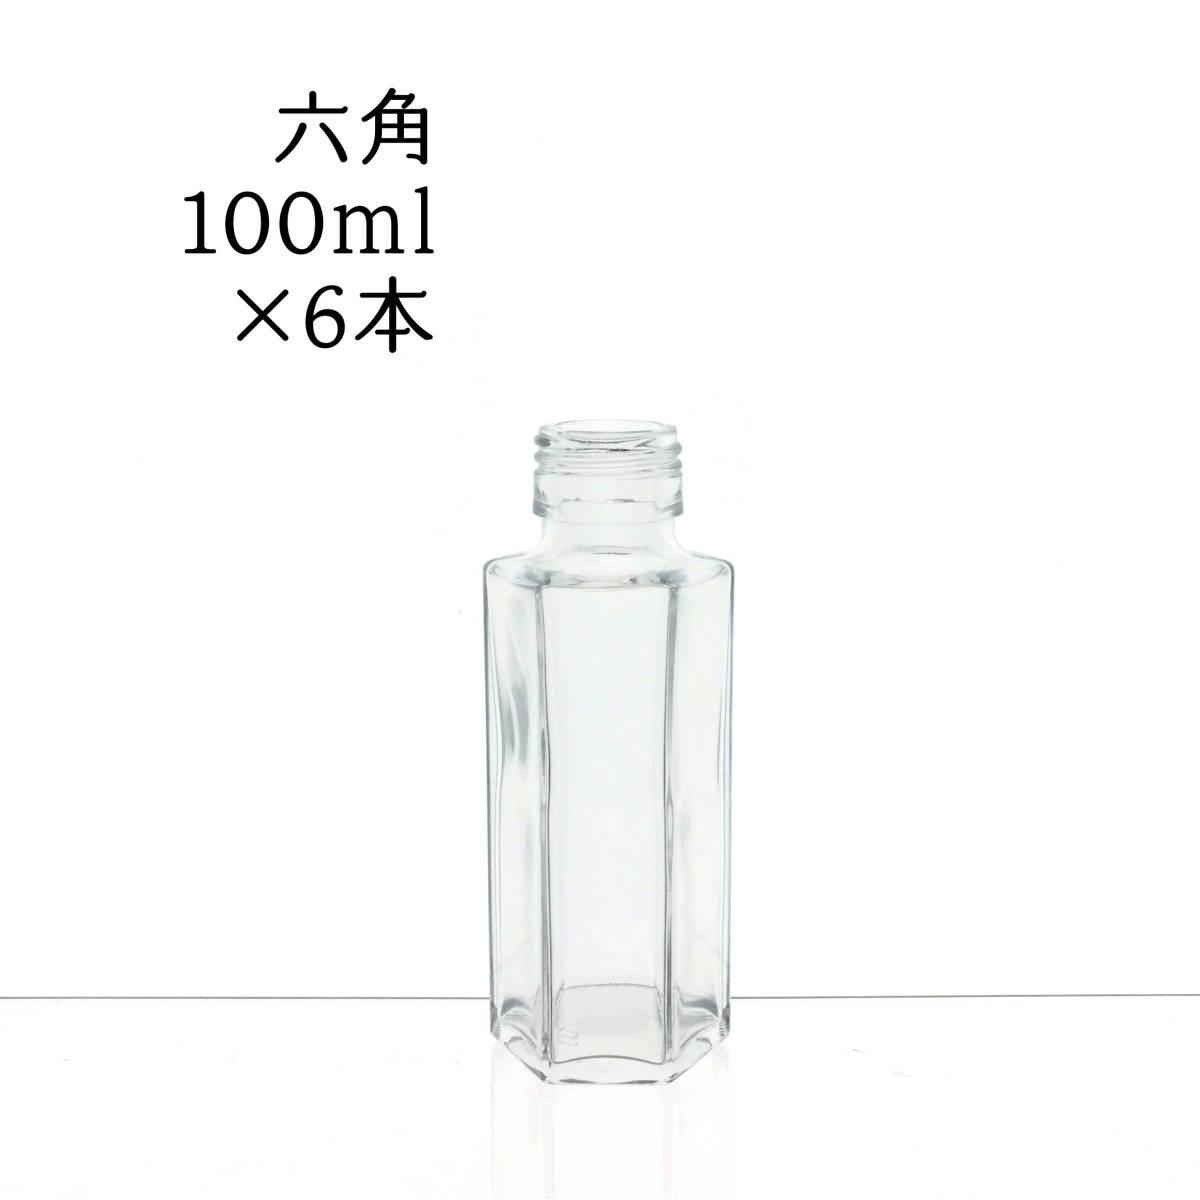 ハーバリウム瓶 六角100ml 6本 ♪♪_画像1